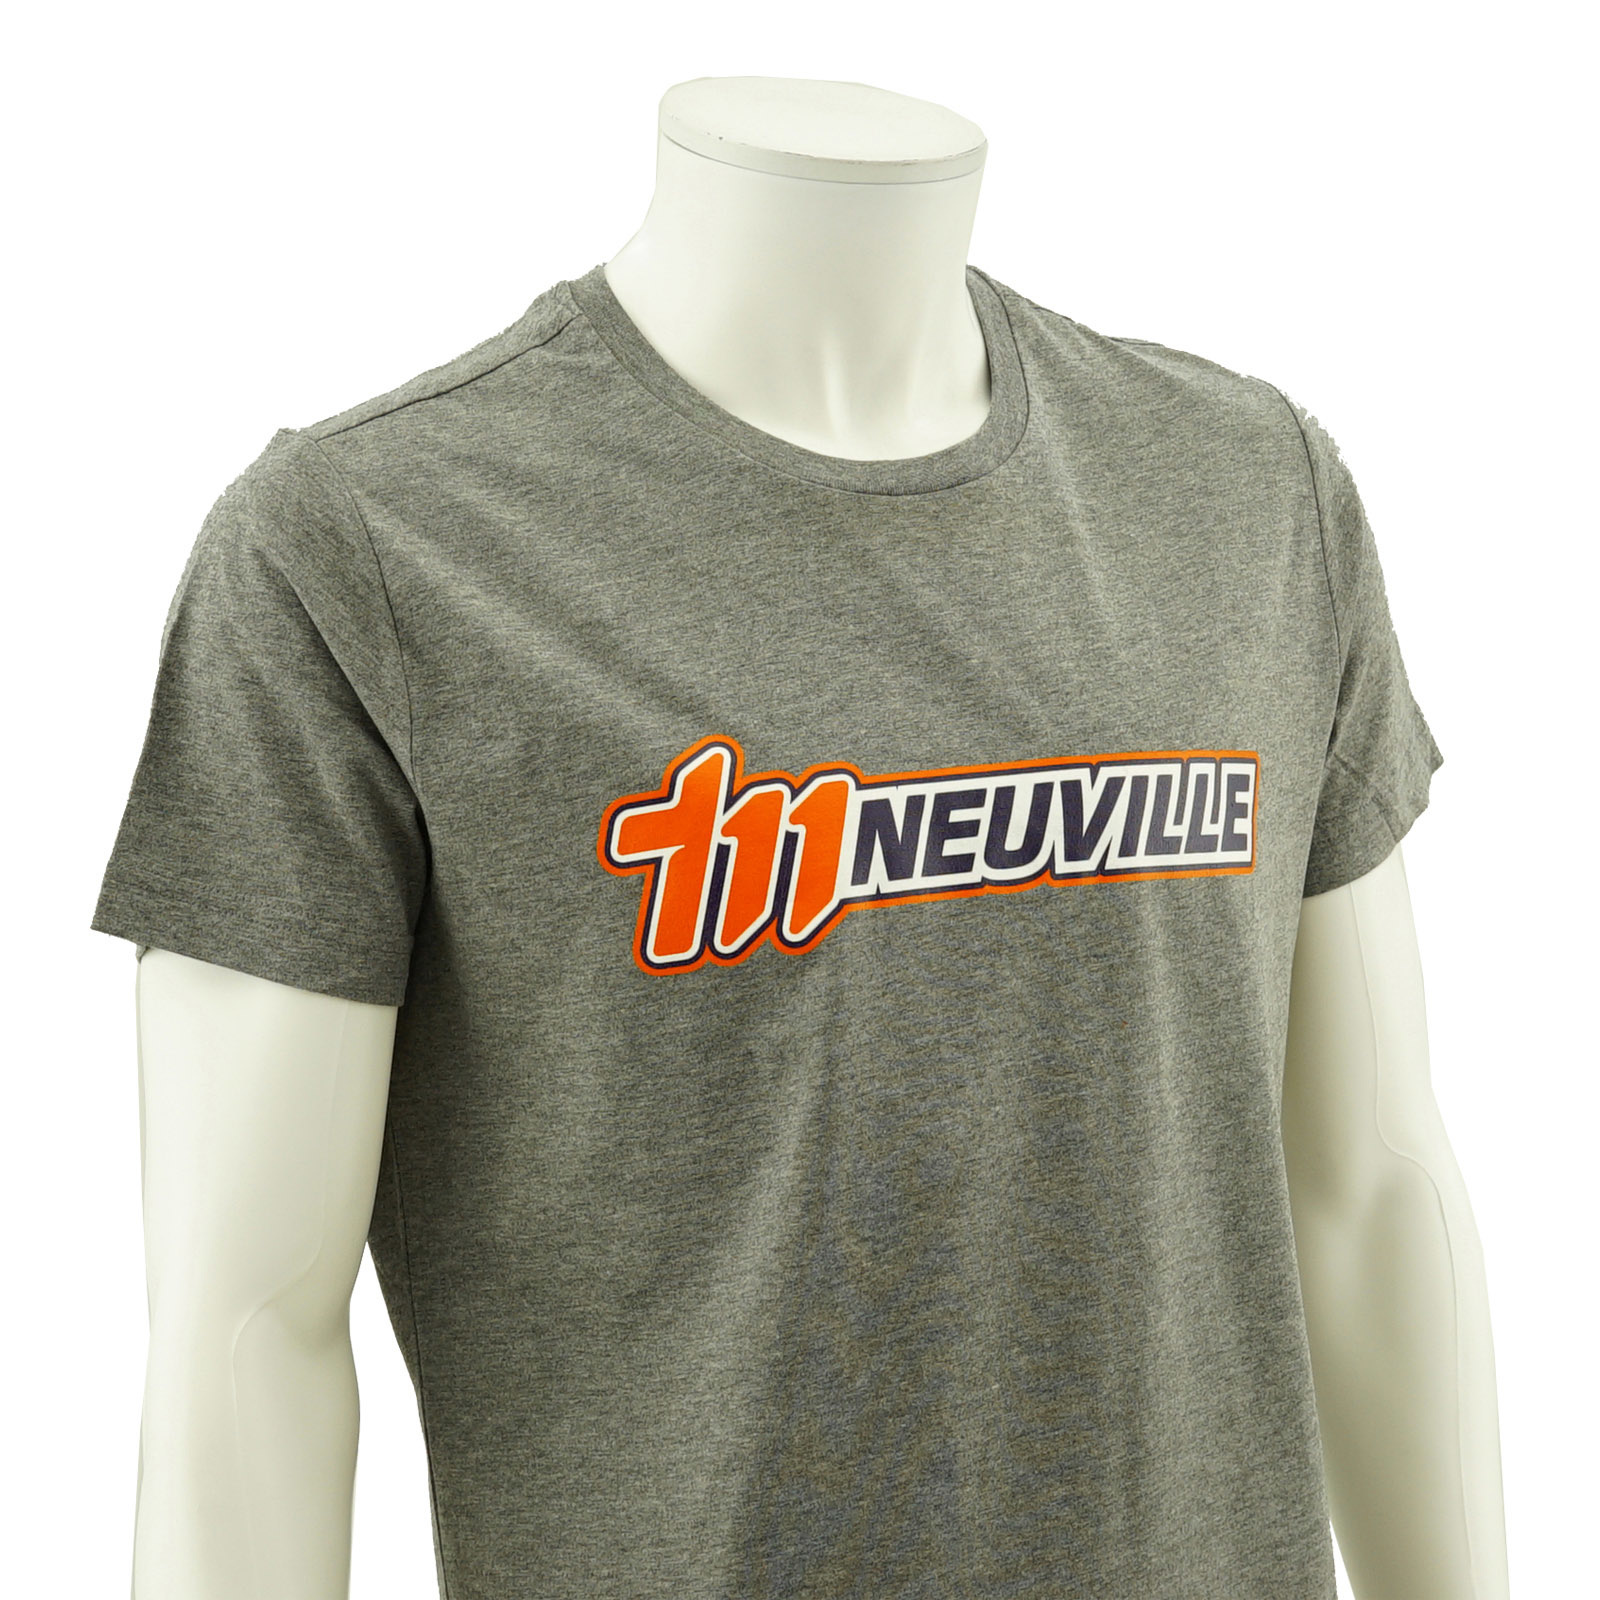 Topfanz T-shirt TN11 Grey